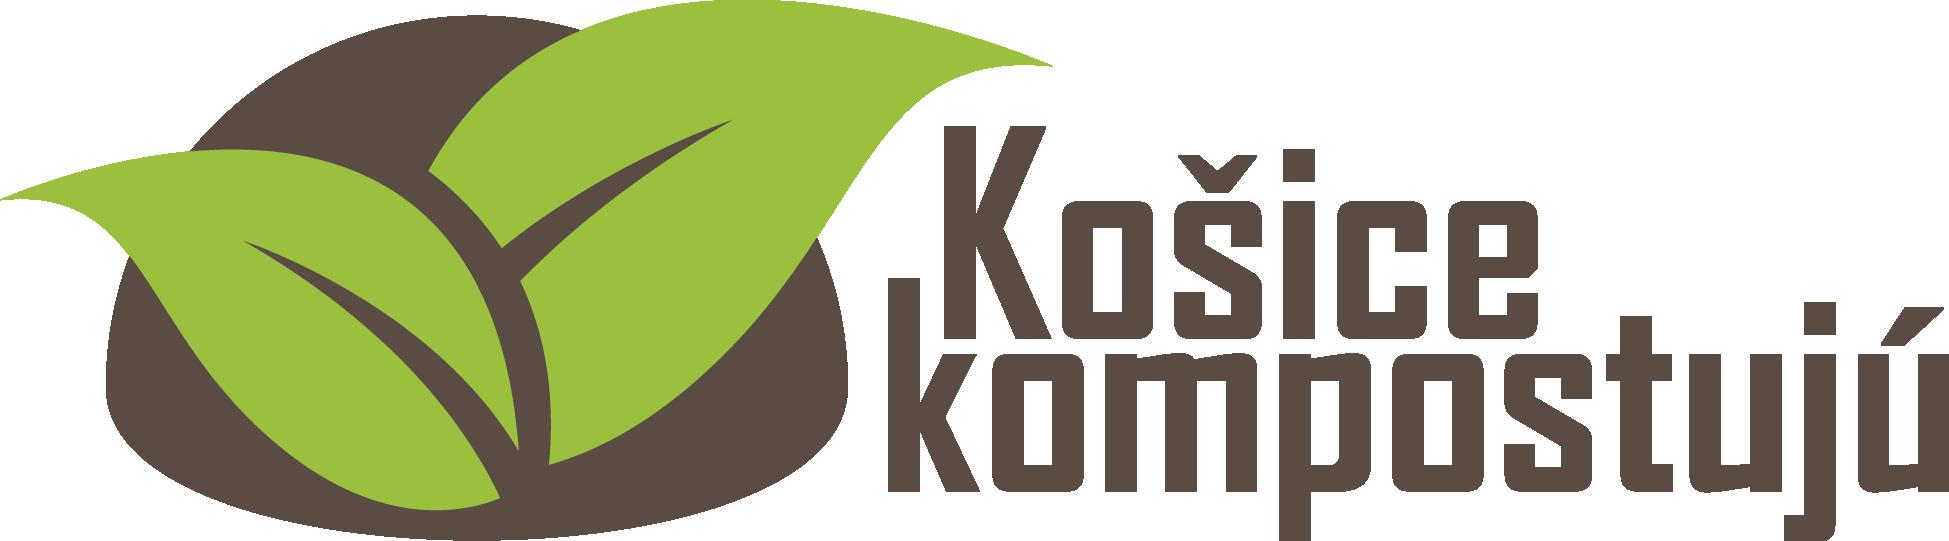 Košice kompostujú